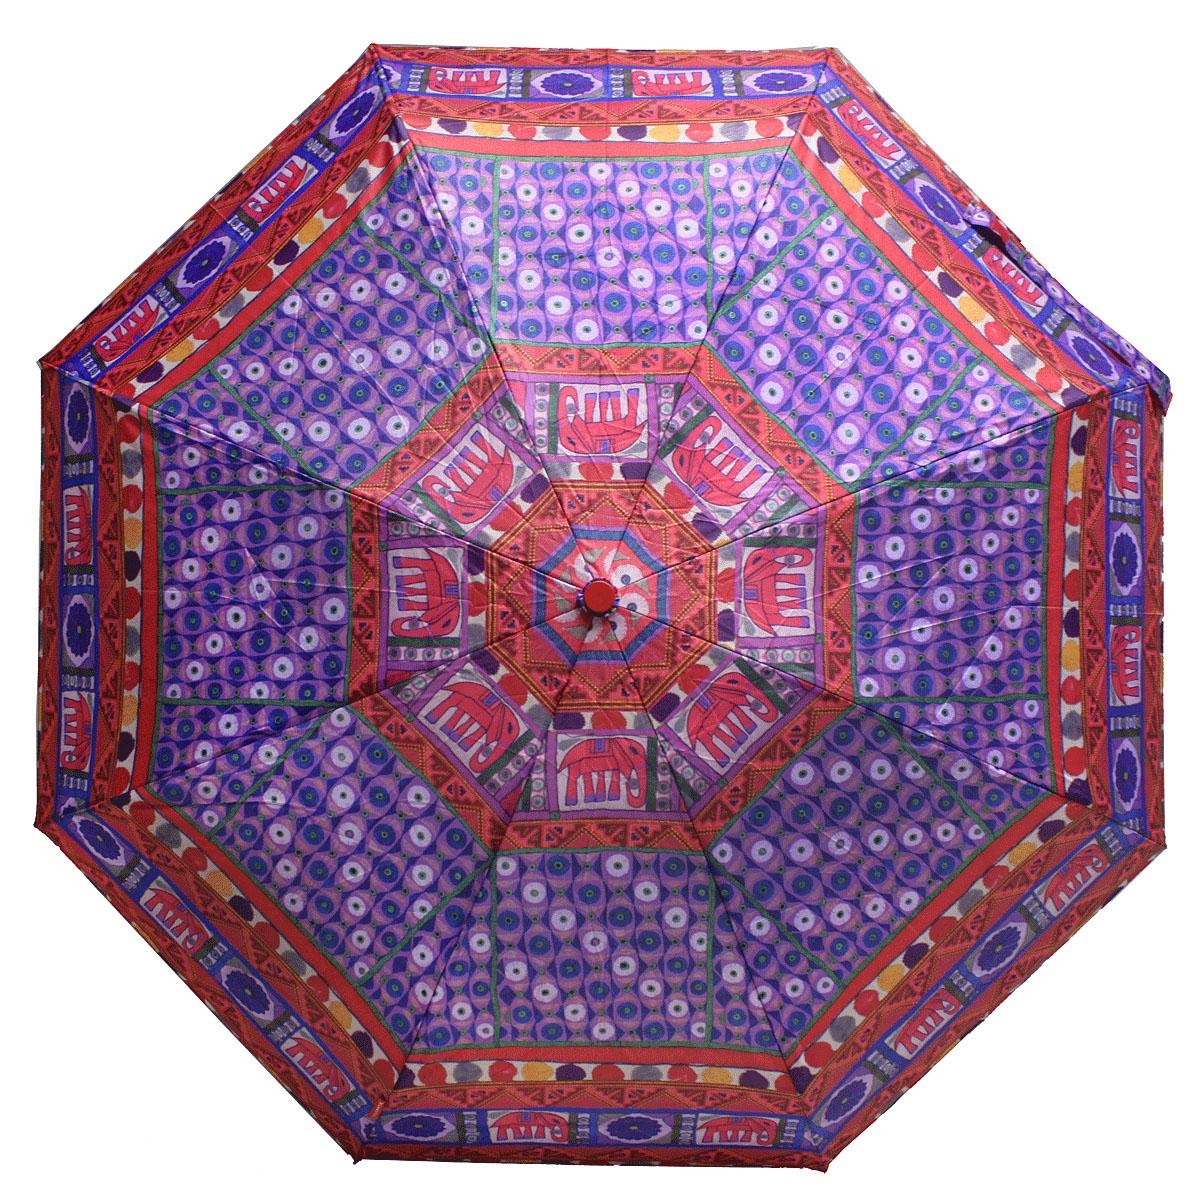 Зонт женский Bisetti, цвет: фиолетовый, бордовый. 35167-235167-2Стильный зонт автомат испанского производителя Bisetti даже в ненастную погоду позволит вам оставаться элегантной. В производстве зонтов Bisetti используются современные материалы, что делает зонты легкими, но в то же время крепкими. Каркас зонта включает 7 спиц. Стержень изготовлен из стали, купол выполнен из прочного полиэстера. Зонт является механическим: купол открывается и закрывается вручную до характерного щелчка.